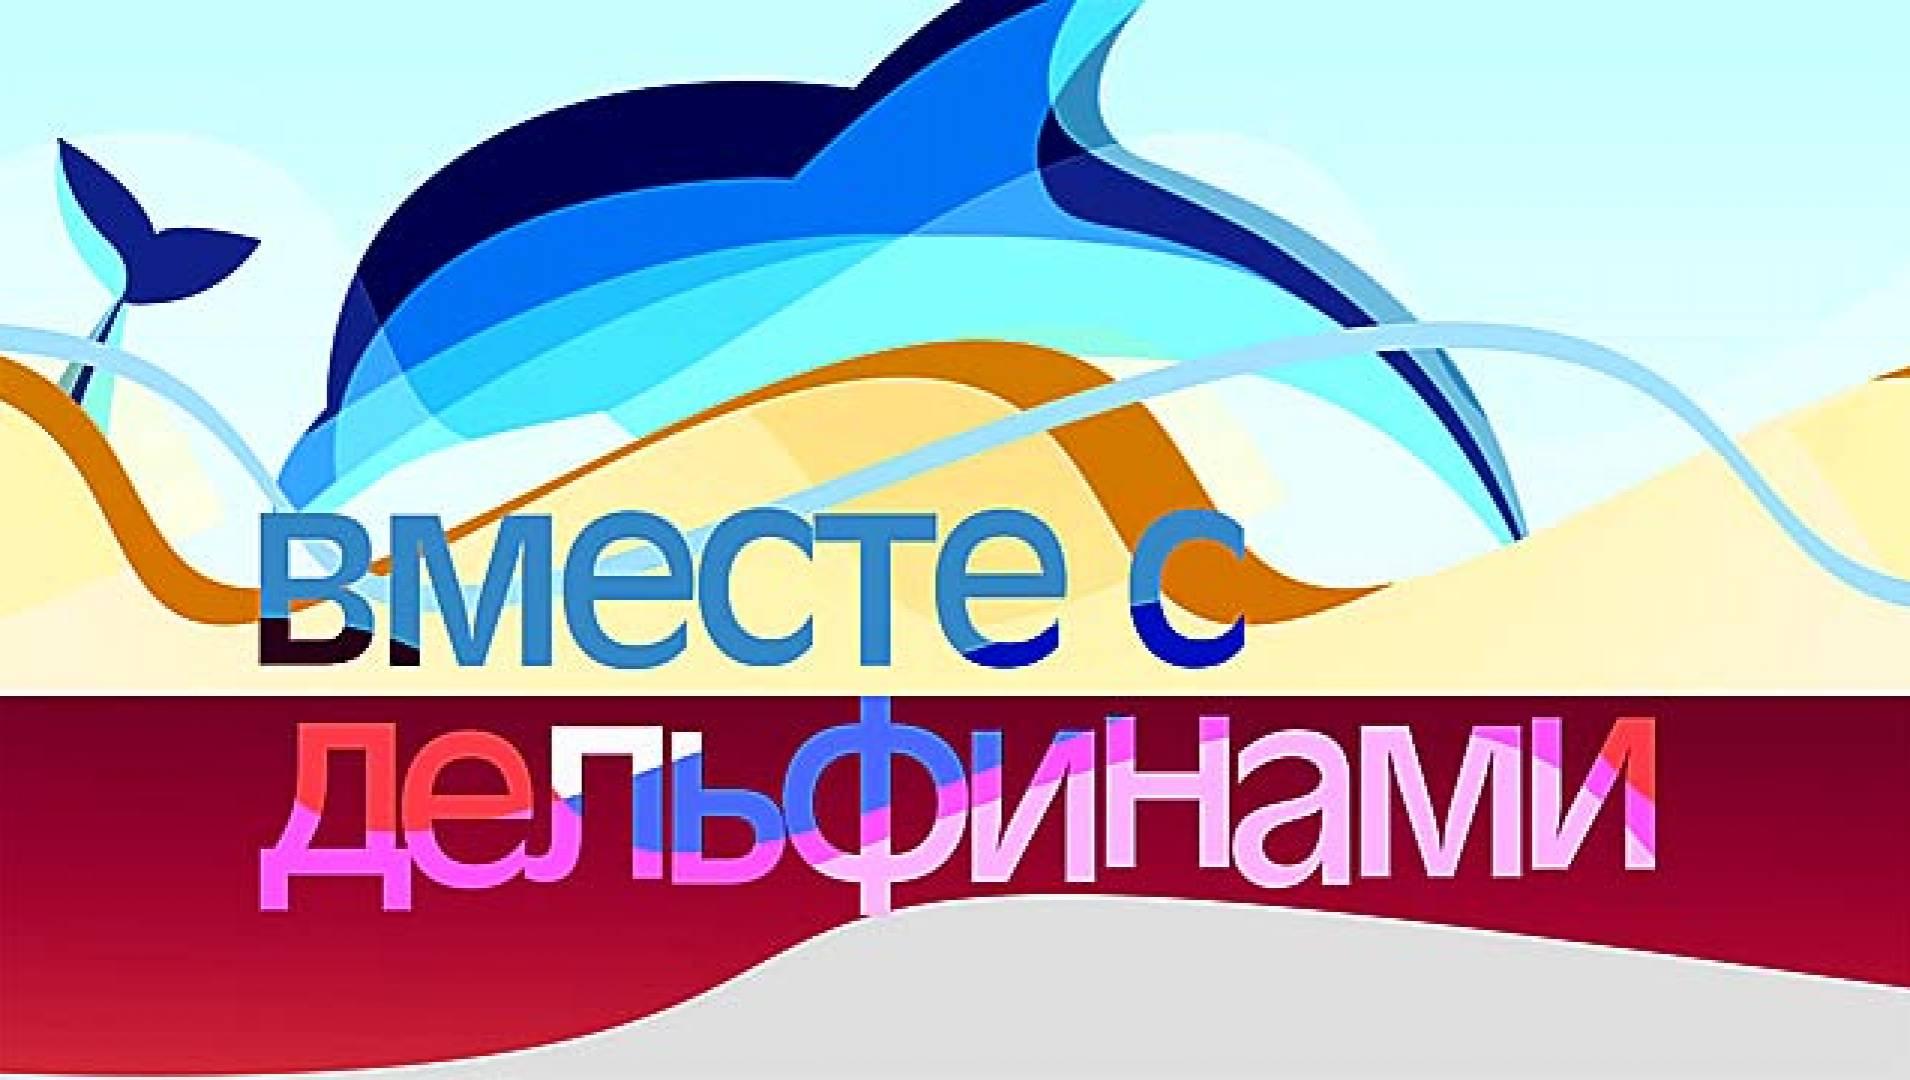 Вместе с дельфинами - ТВ-шоу